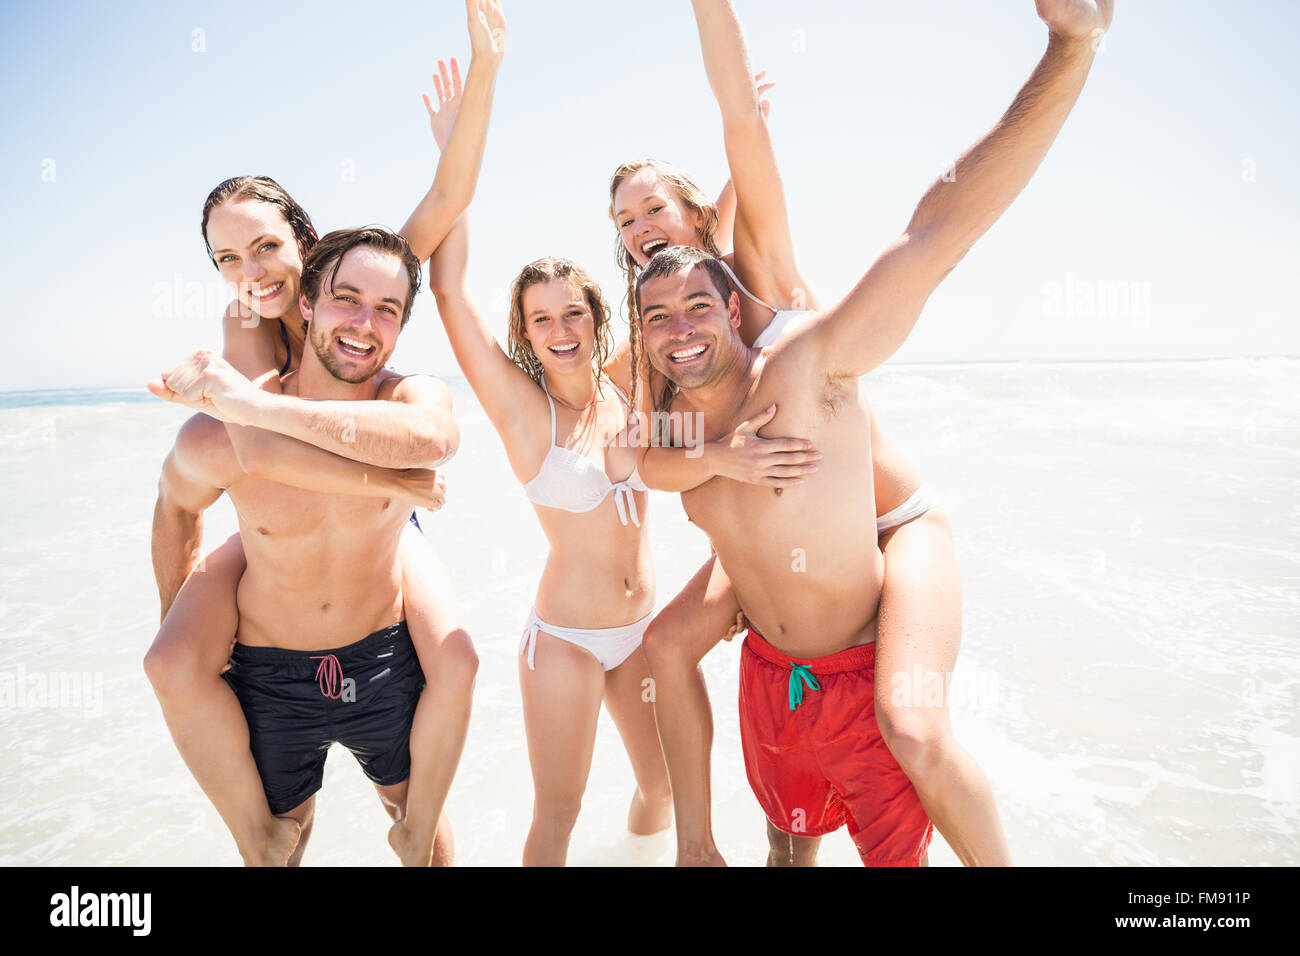 Los hombres dando un piggy back a las mujeres en la playa Imagen De Stock